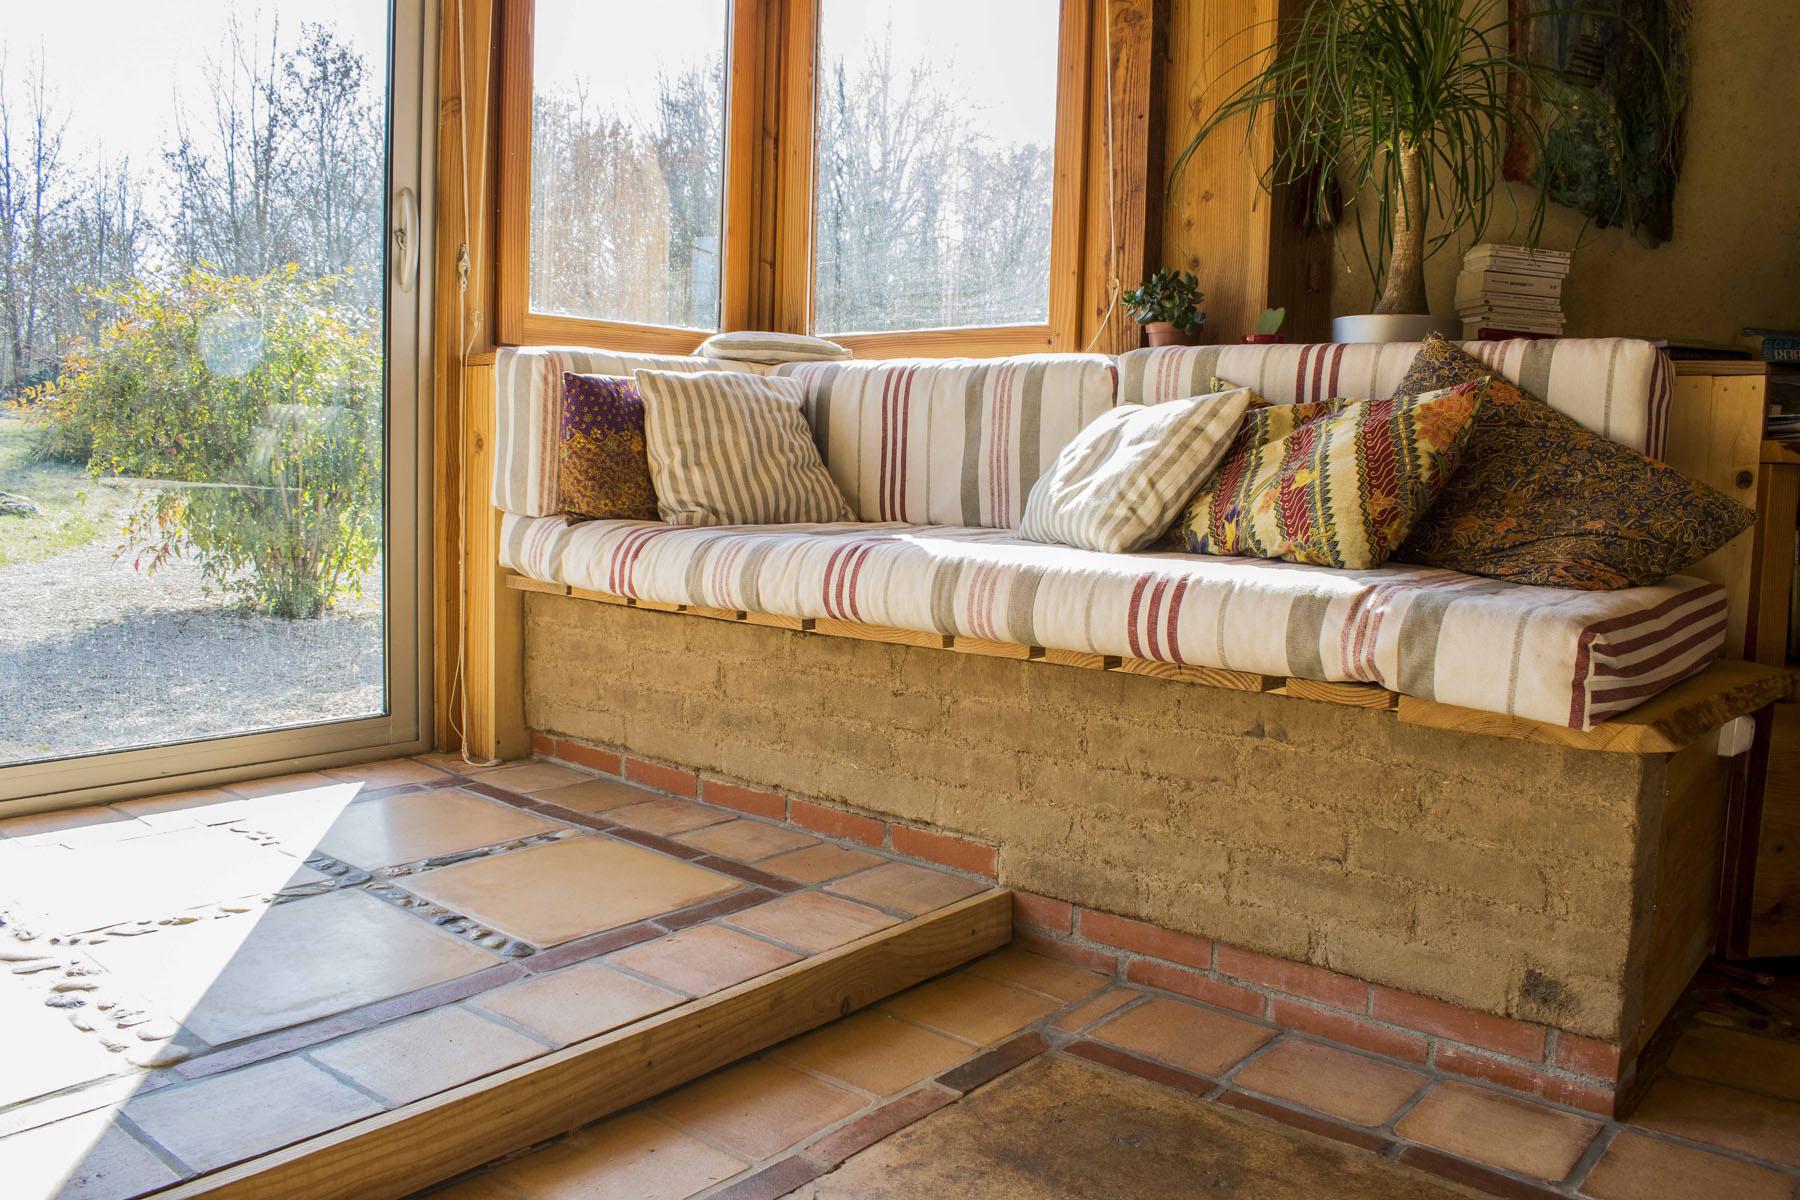 autoconstruire un octogone autonome la maison cologique. Black Bedroom Furniture Sets. Home Design Ideas